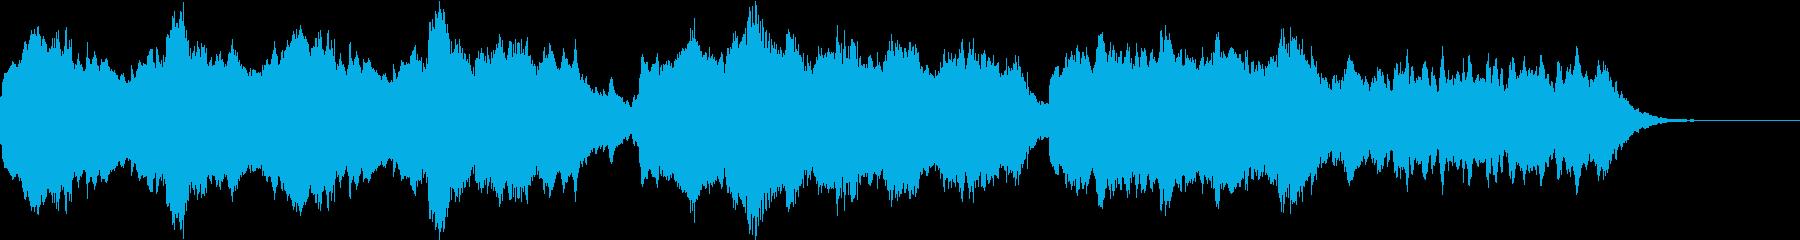 まろやかな音色のバラードの再生済みの波形